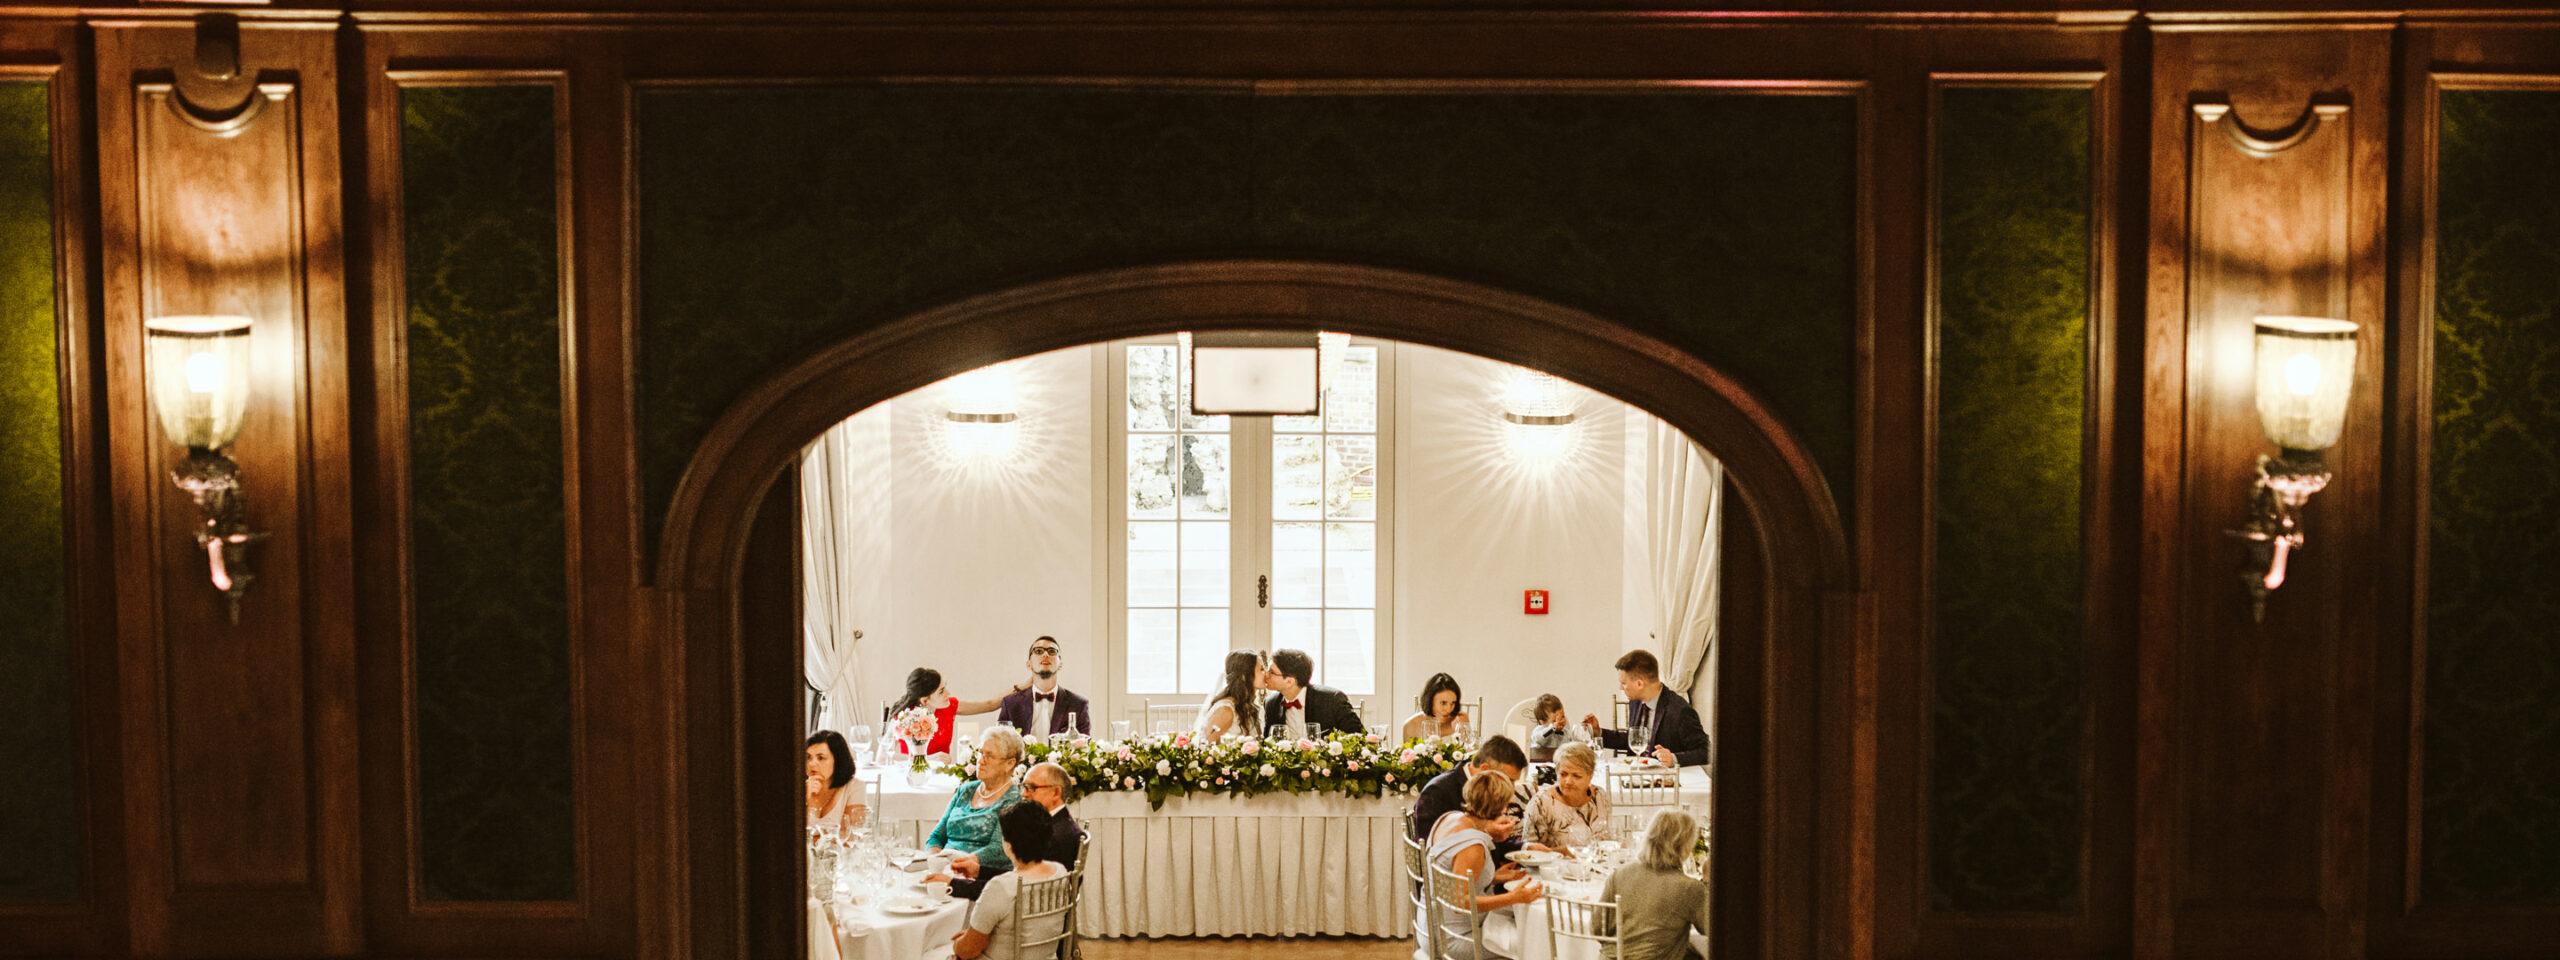 wesele palac goetz, wesele w pałacu goetz, wesele palac goetzow, fotograf slubny krakow